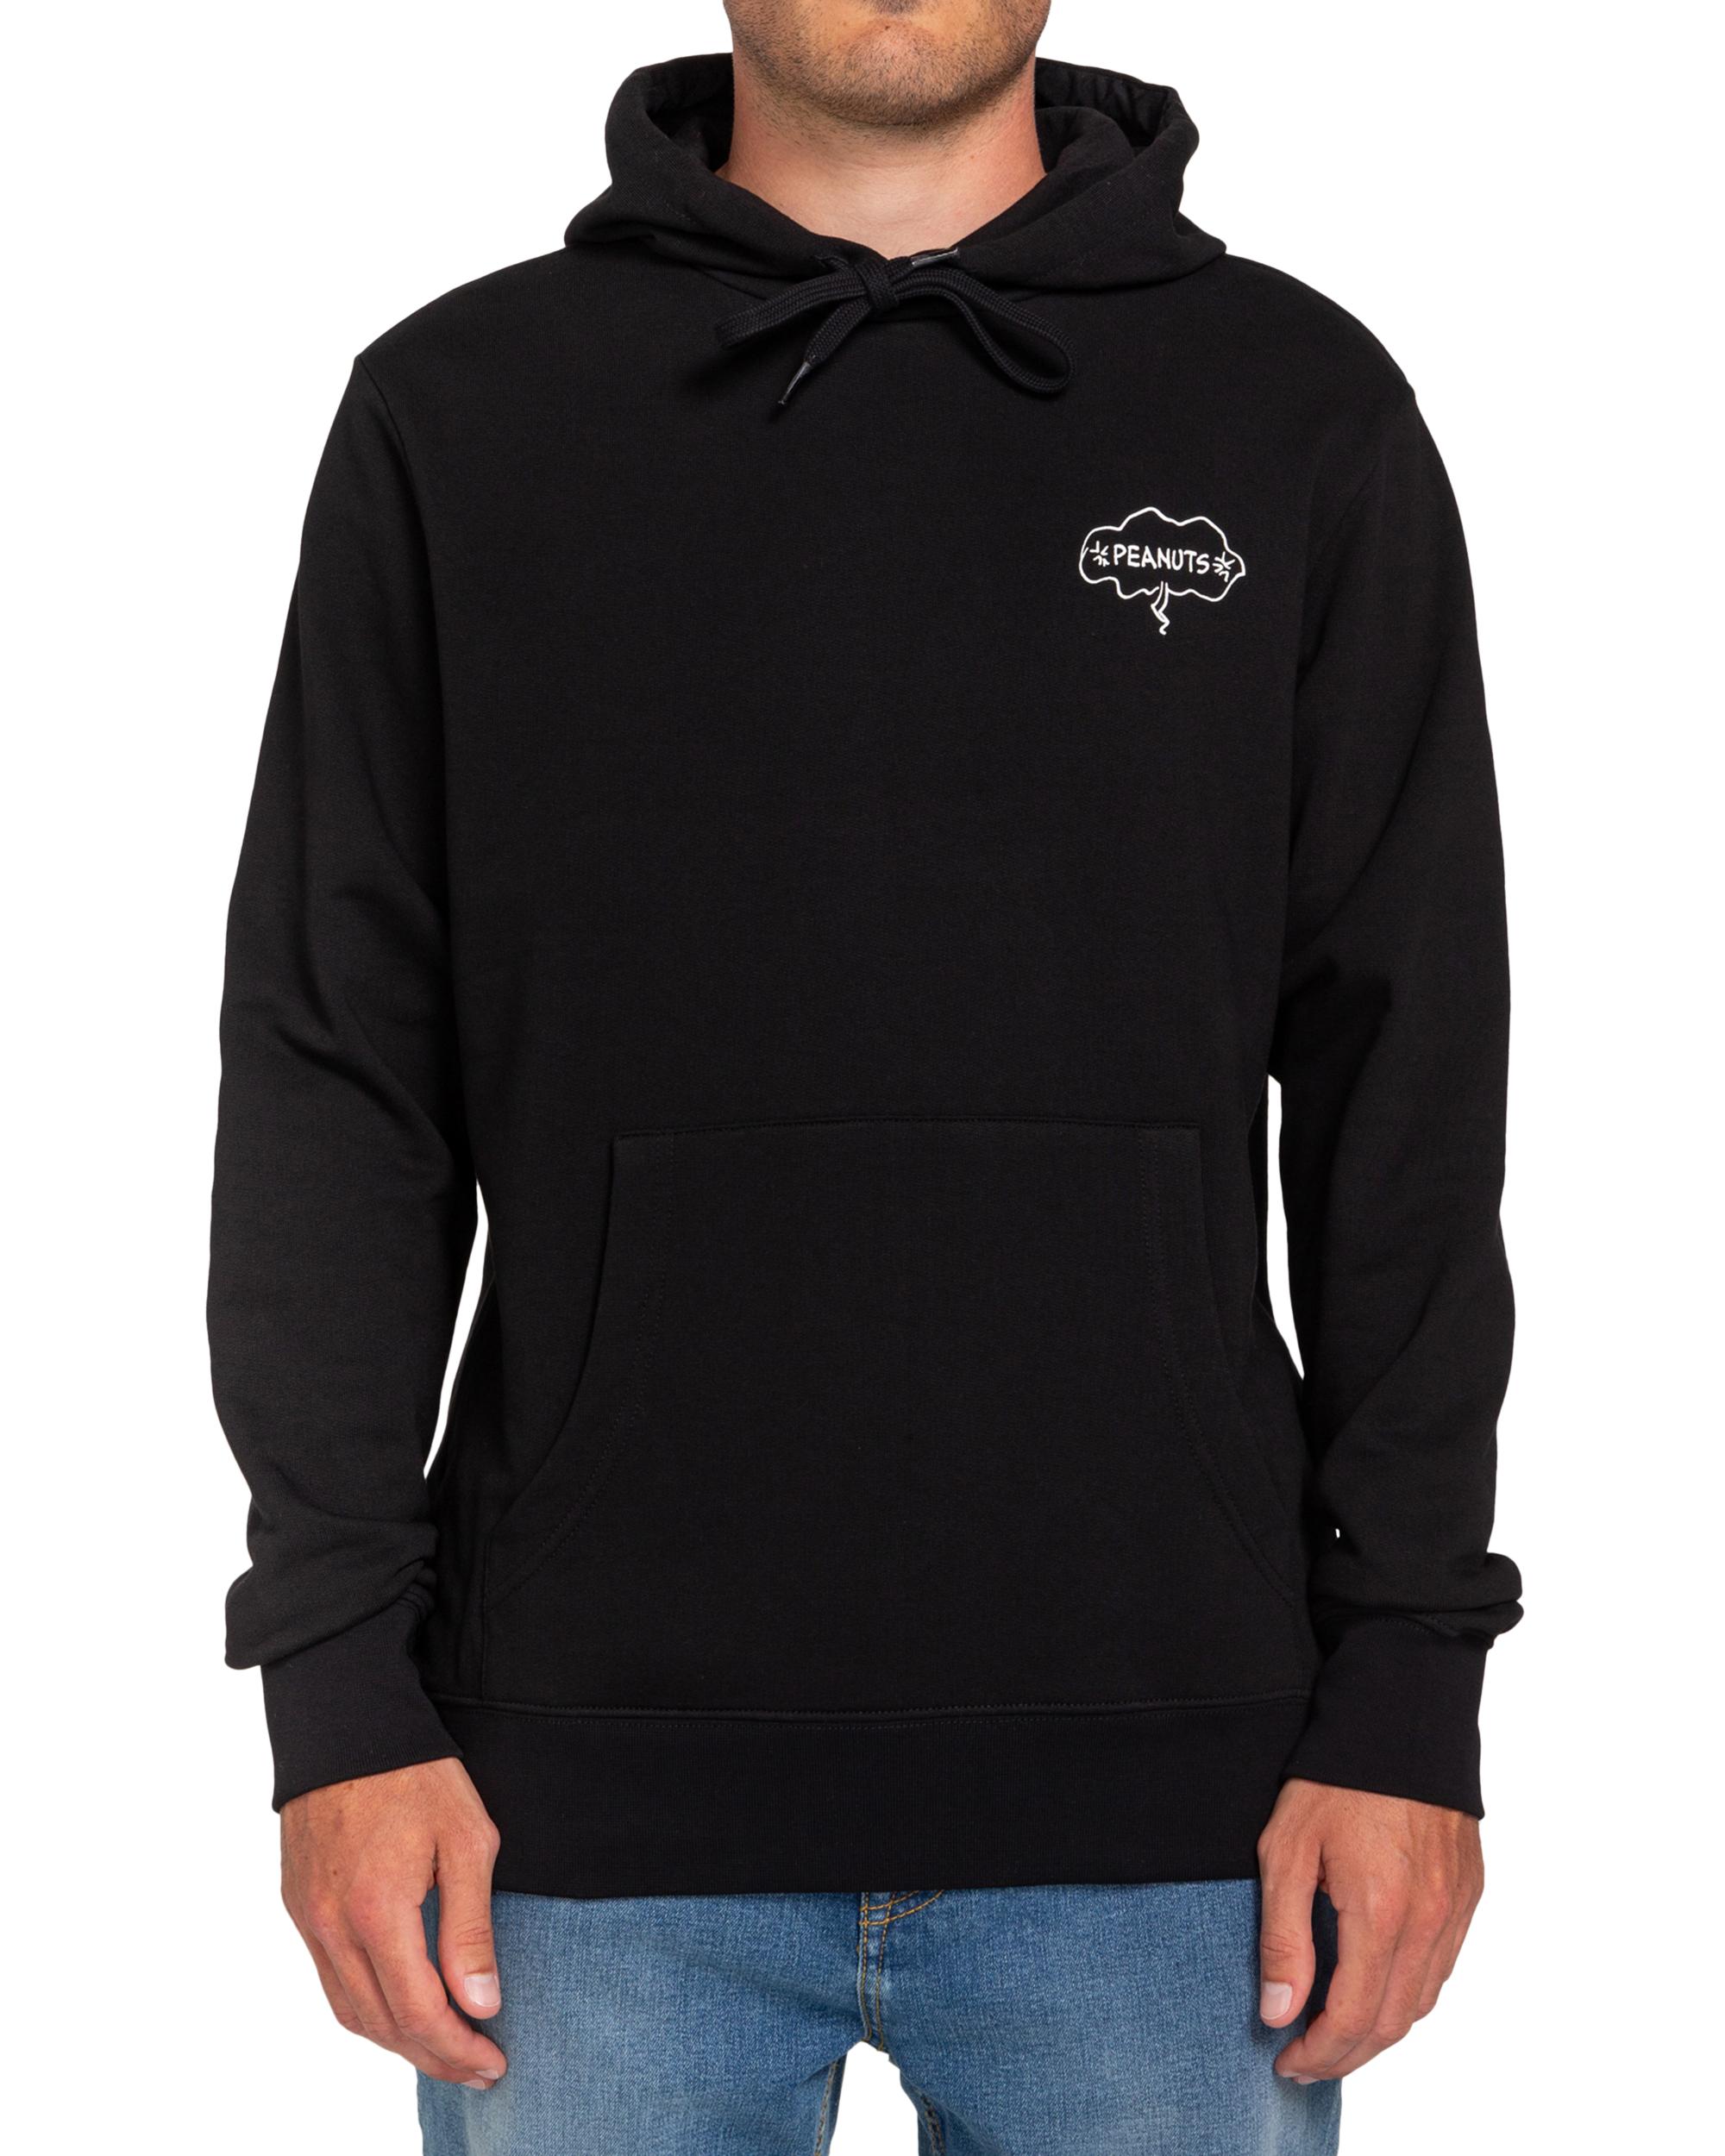 Element Peanuts hoodie